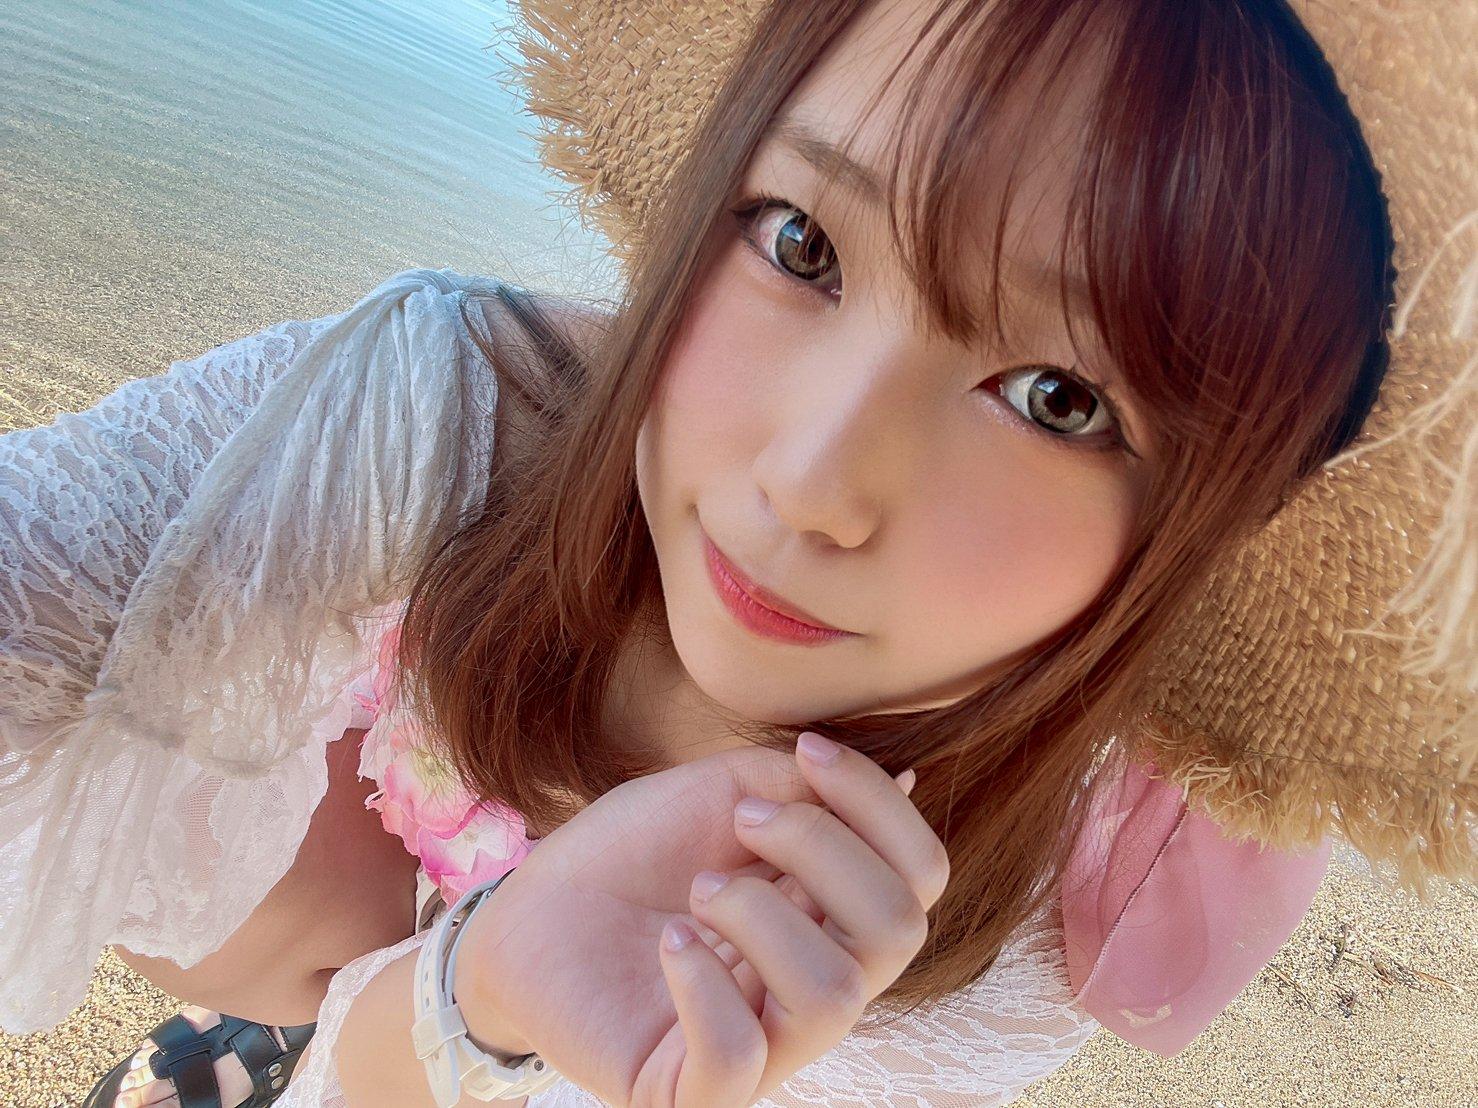 +ユウナ+ちゃんのツイート